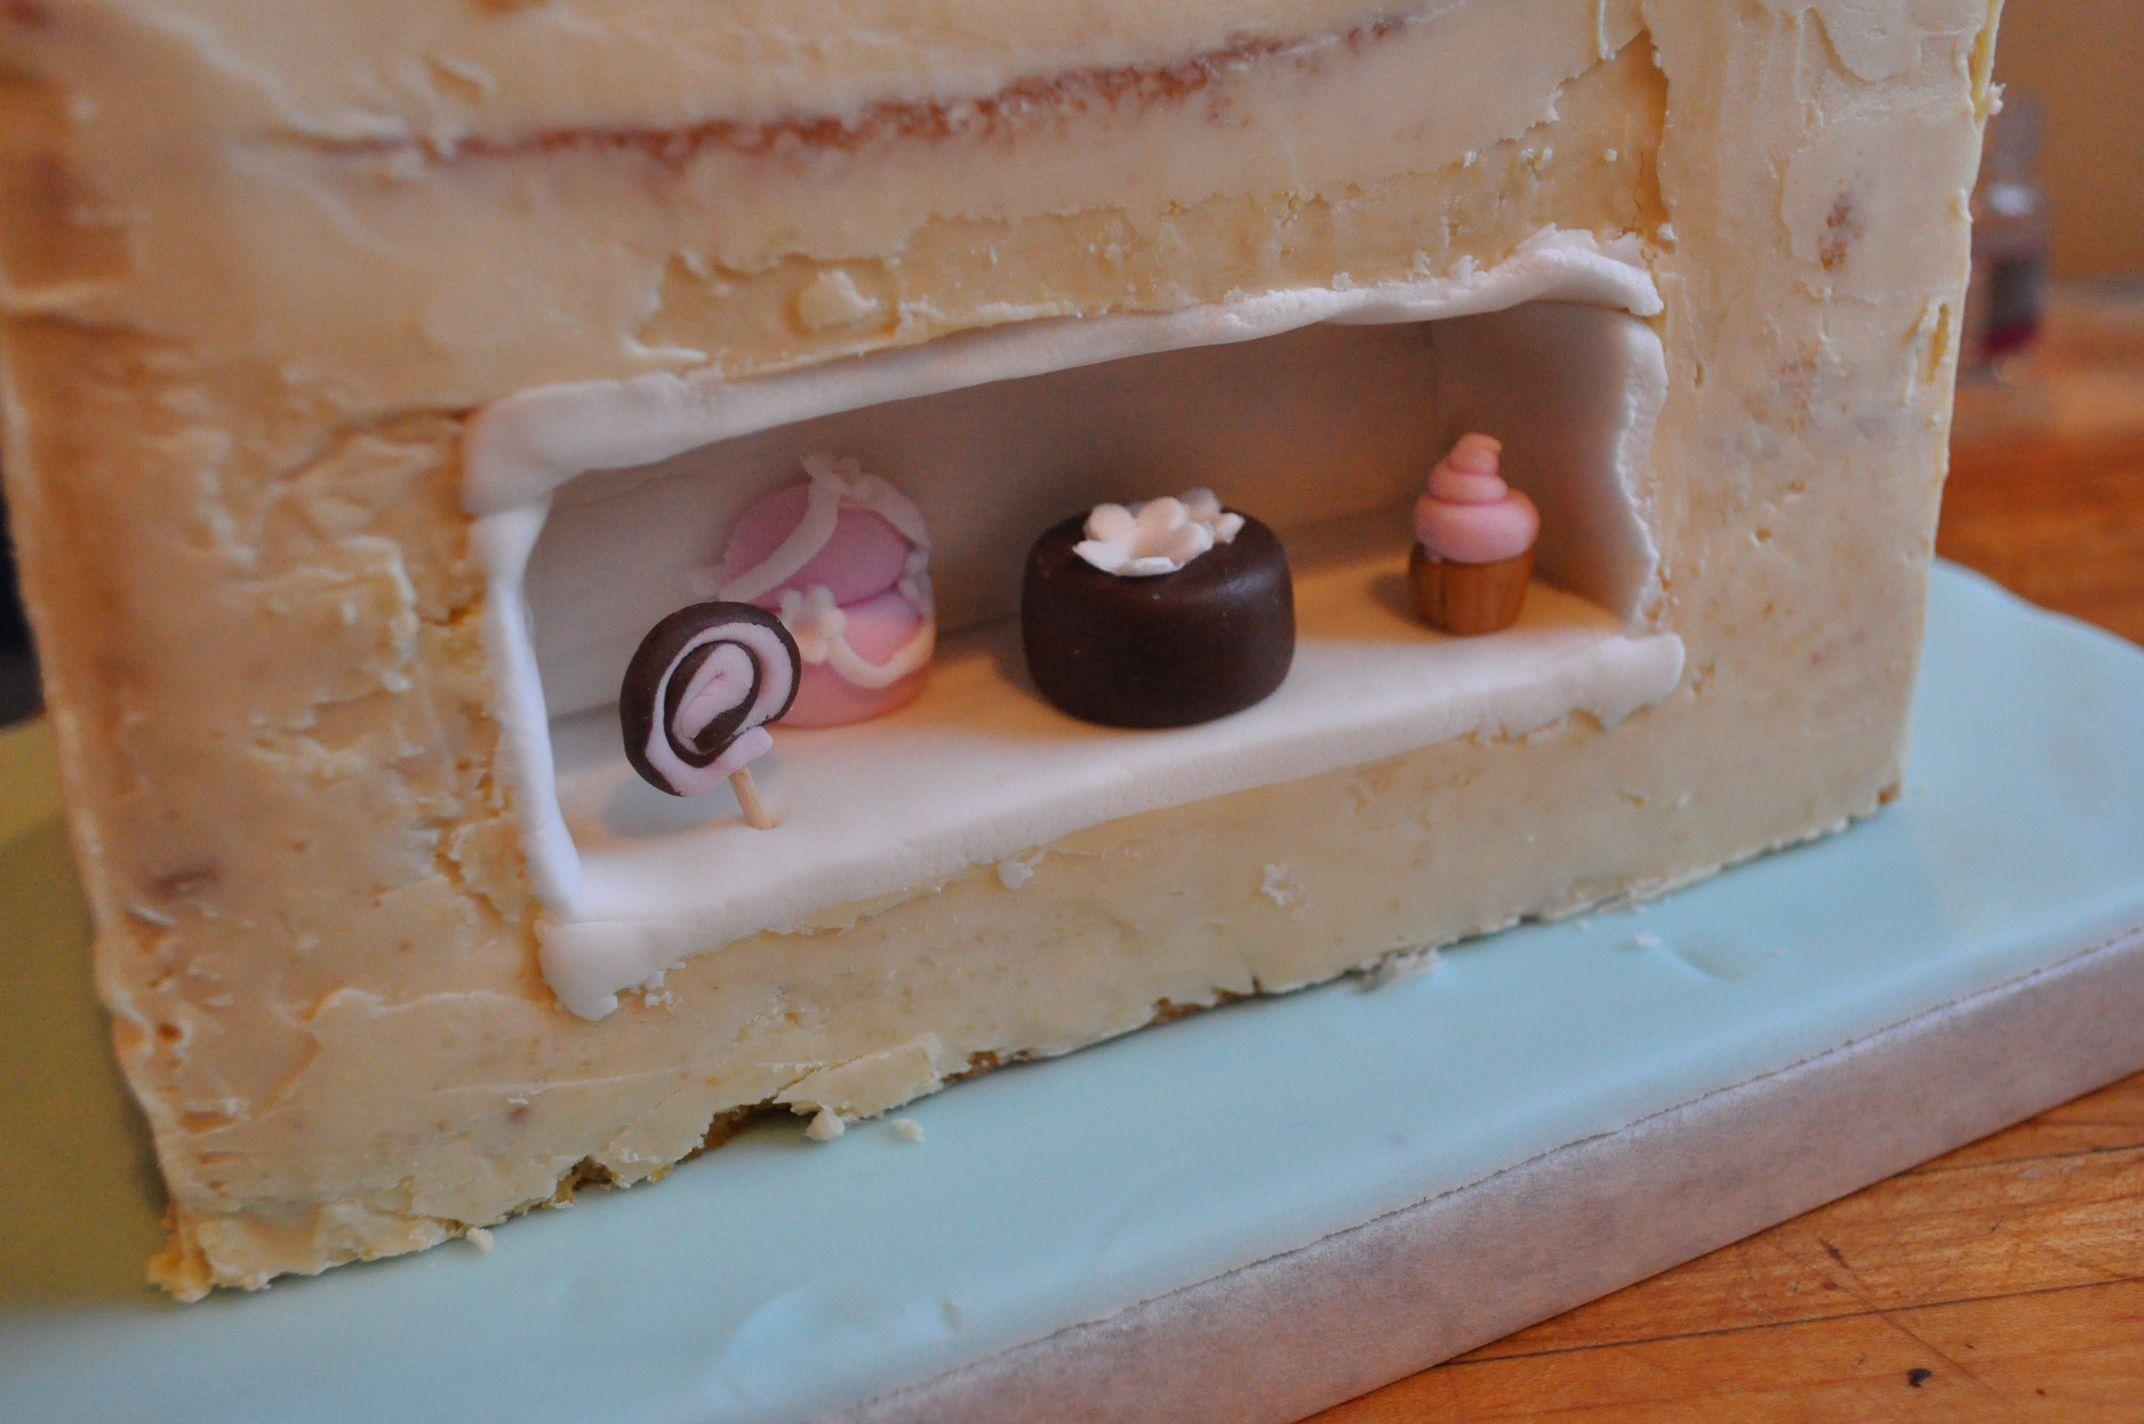 Negozio Cake Design Genova : Una torta nella torta! Un opera di cake design che ...